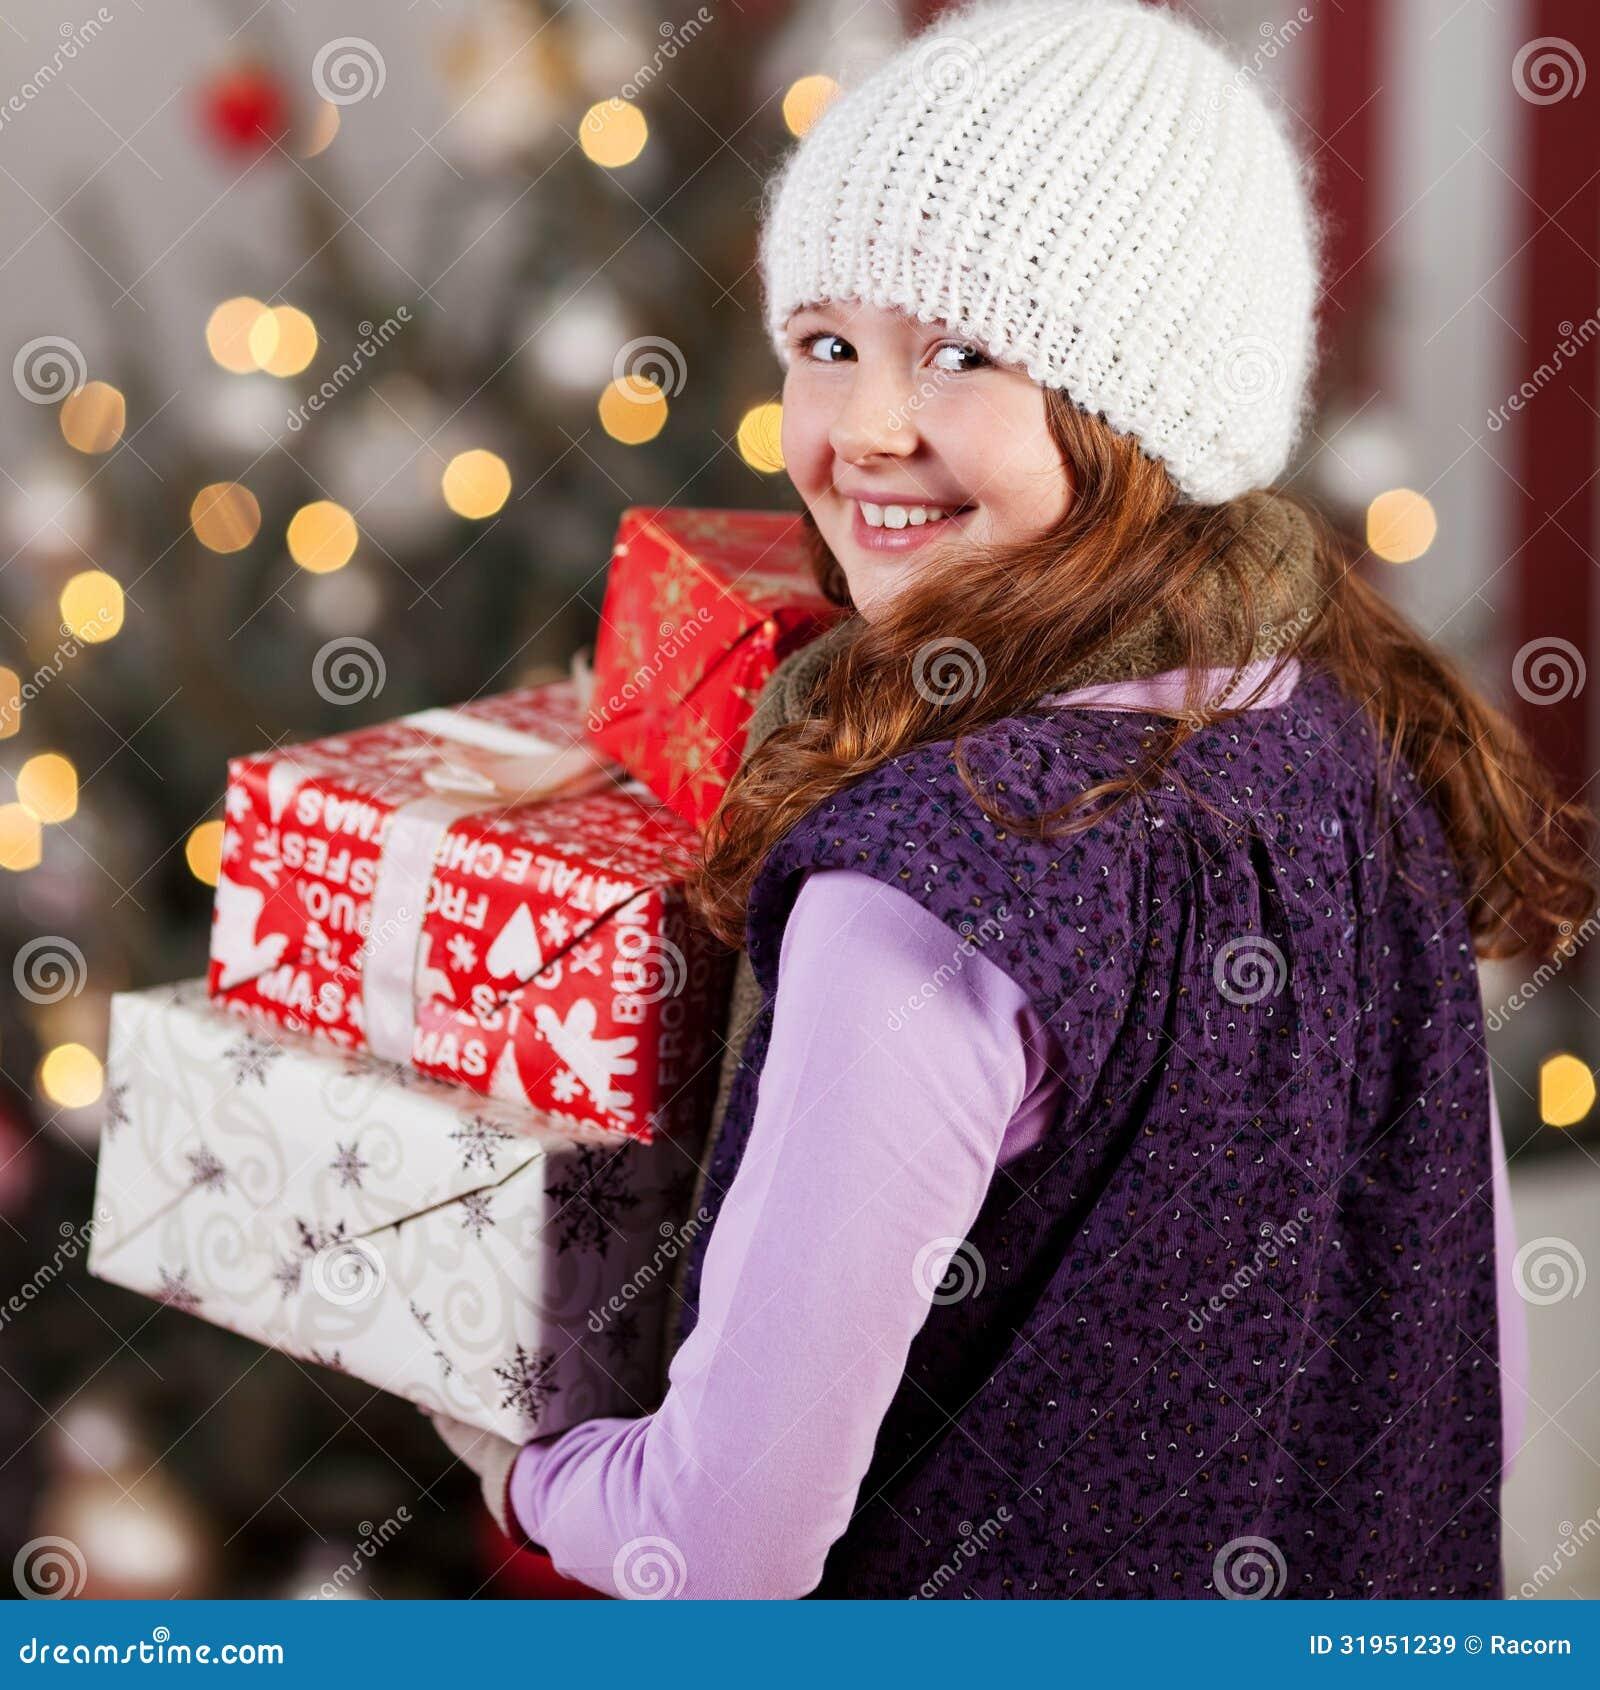 Lachende Mädchen Tragende Weihnachtsgeschenke Stockbild - Bild von ...